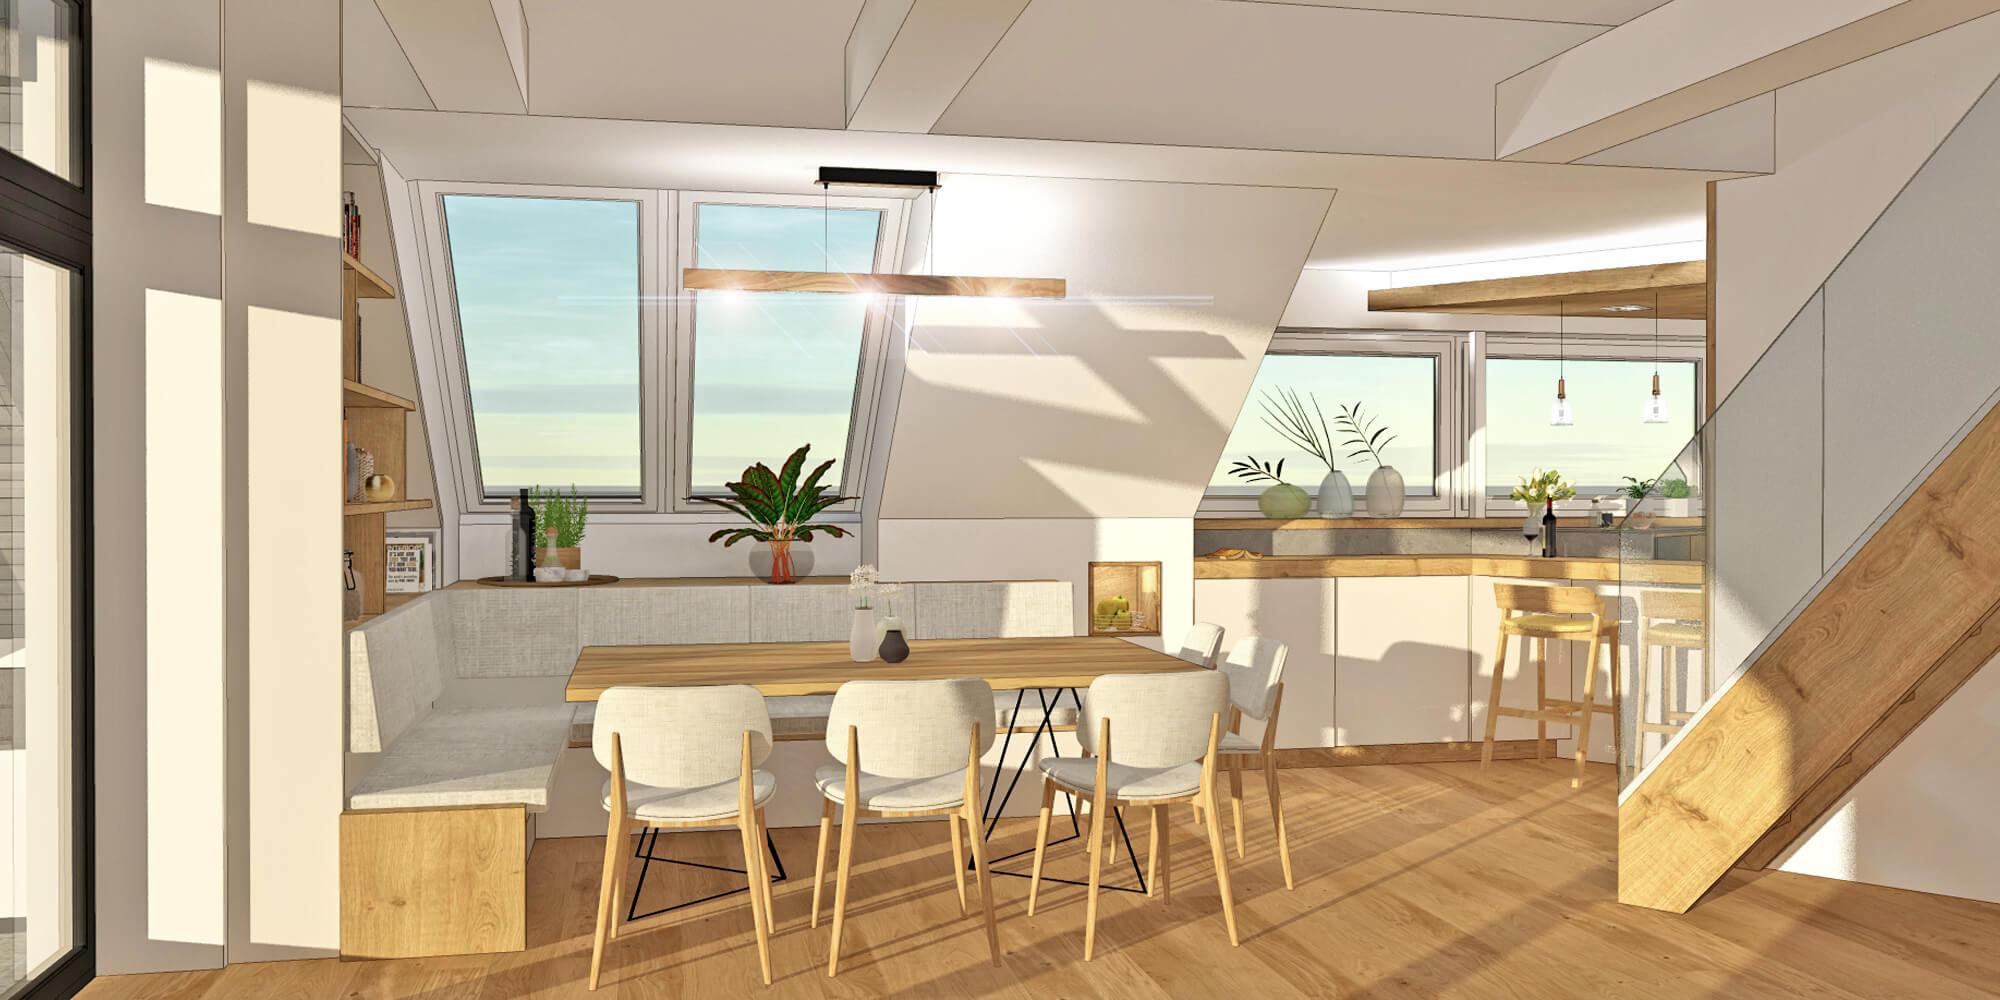 Cre-Plan-Design-Architektur-Innenarchitektur-Design-Projekt-Referenz-Innenarchitektur-Möbeldesign-Küche-02